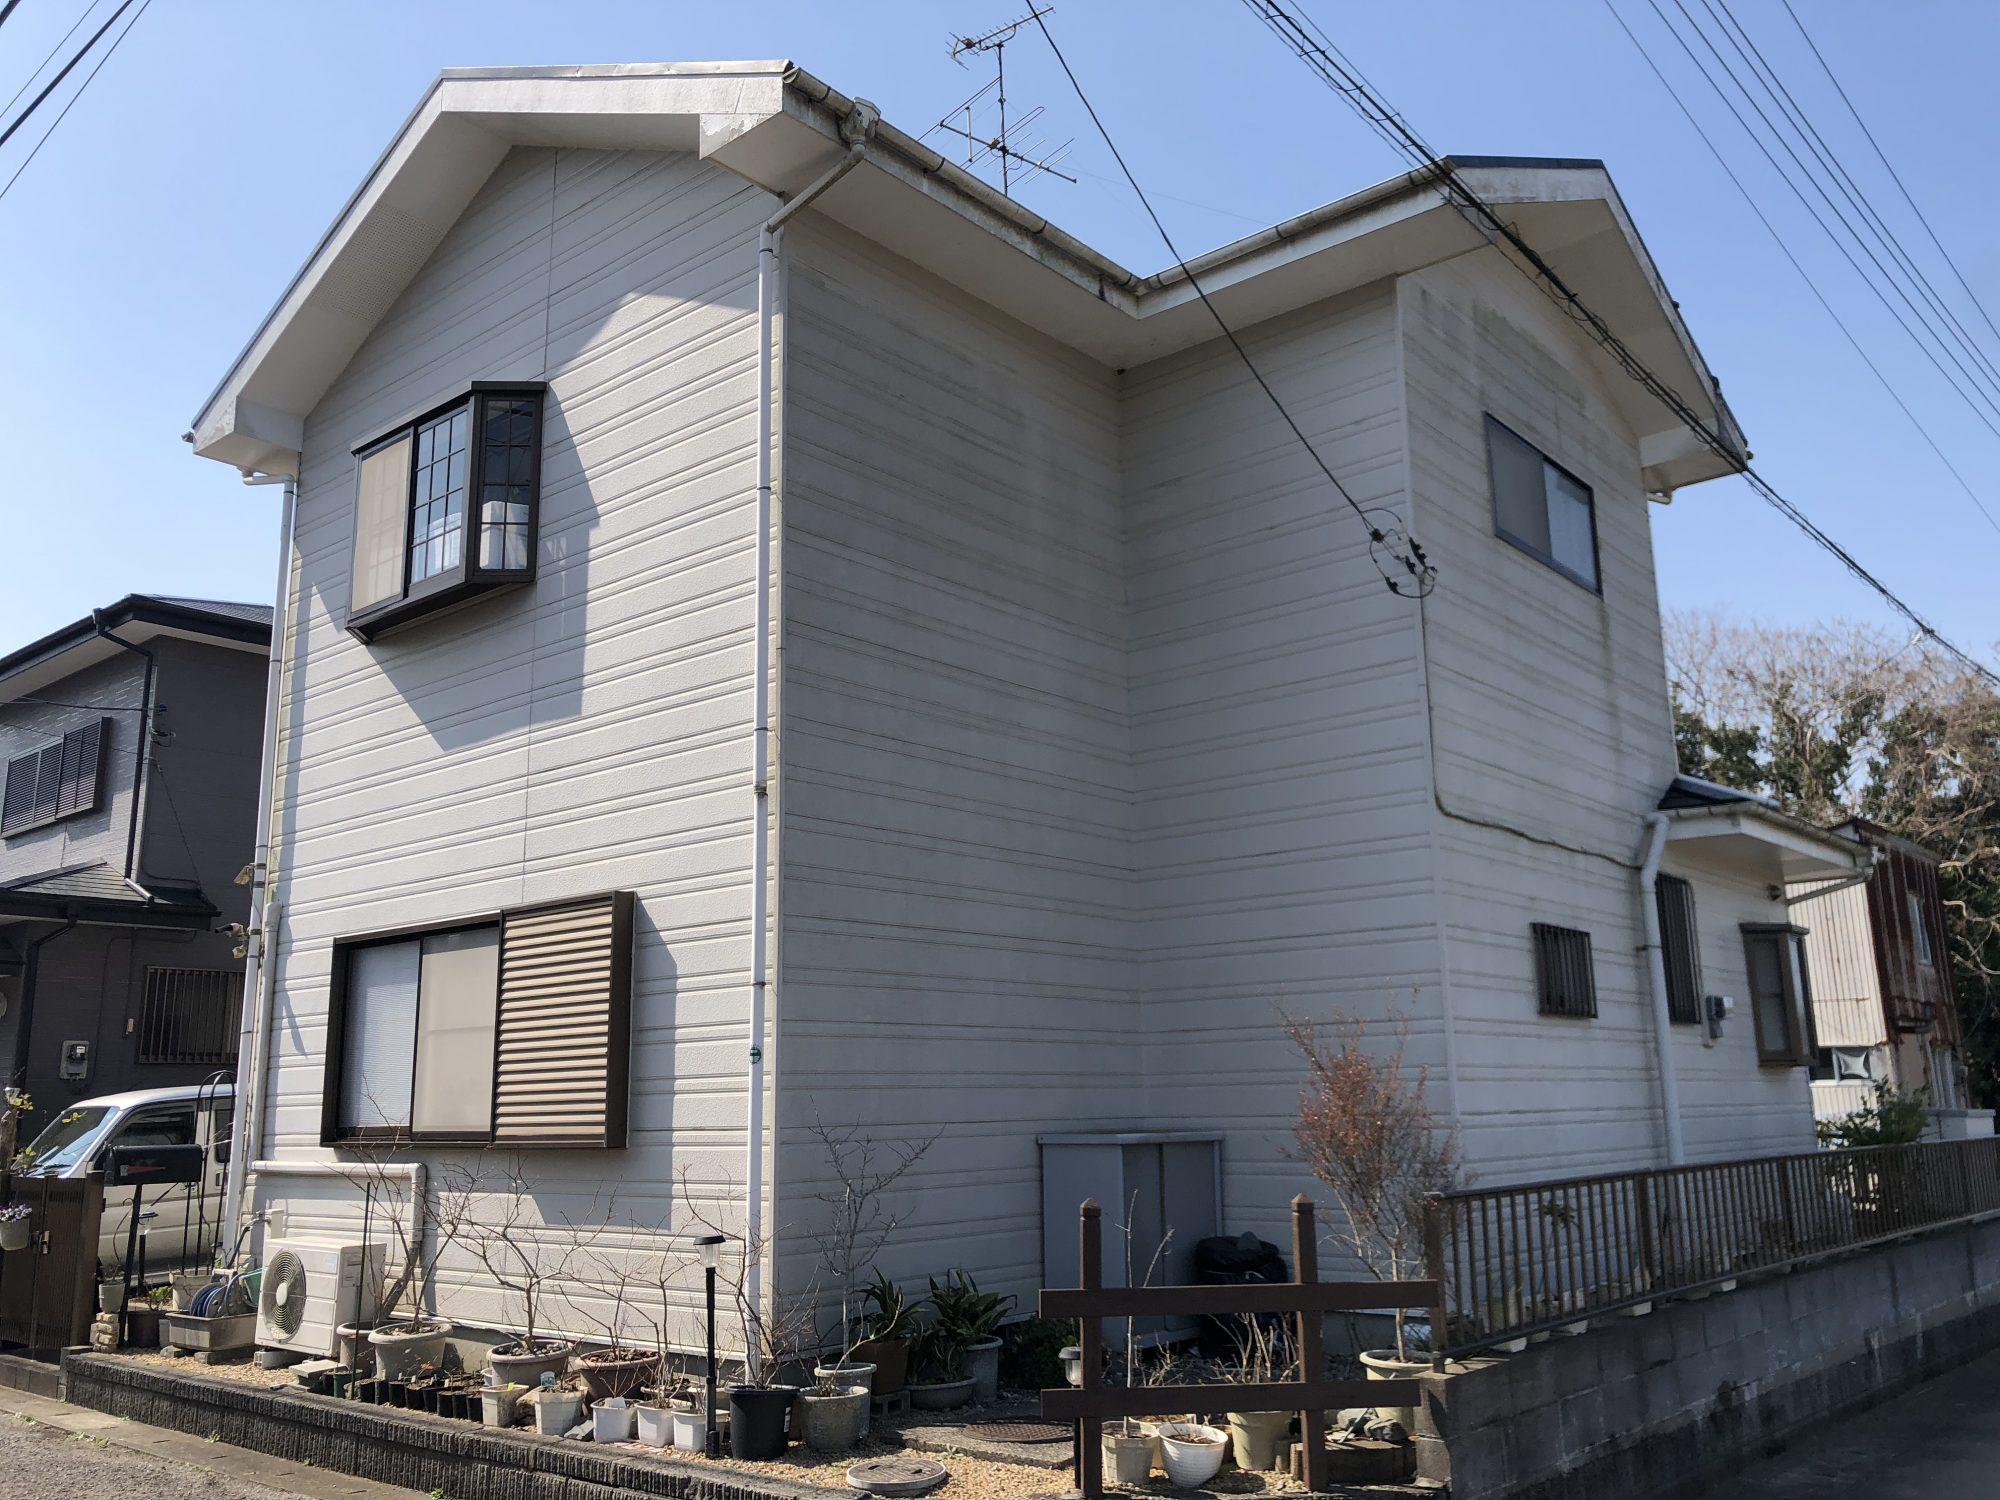 長生郡睦沢町A様邸屋根外壁塗装工事 Before